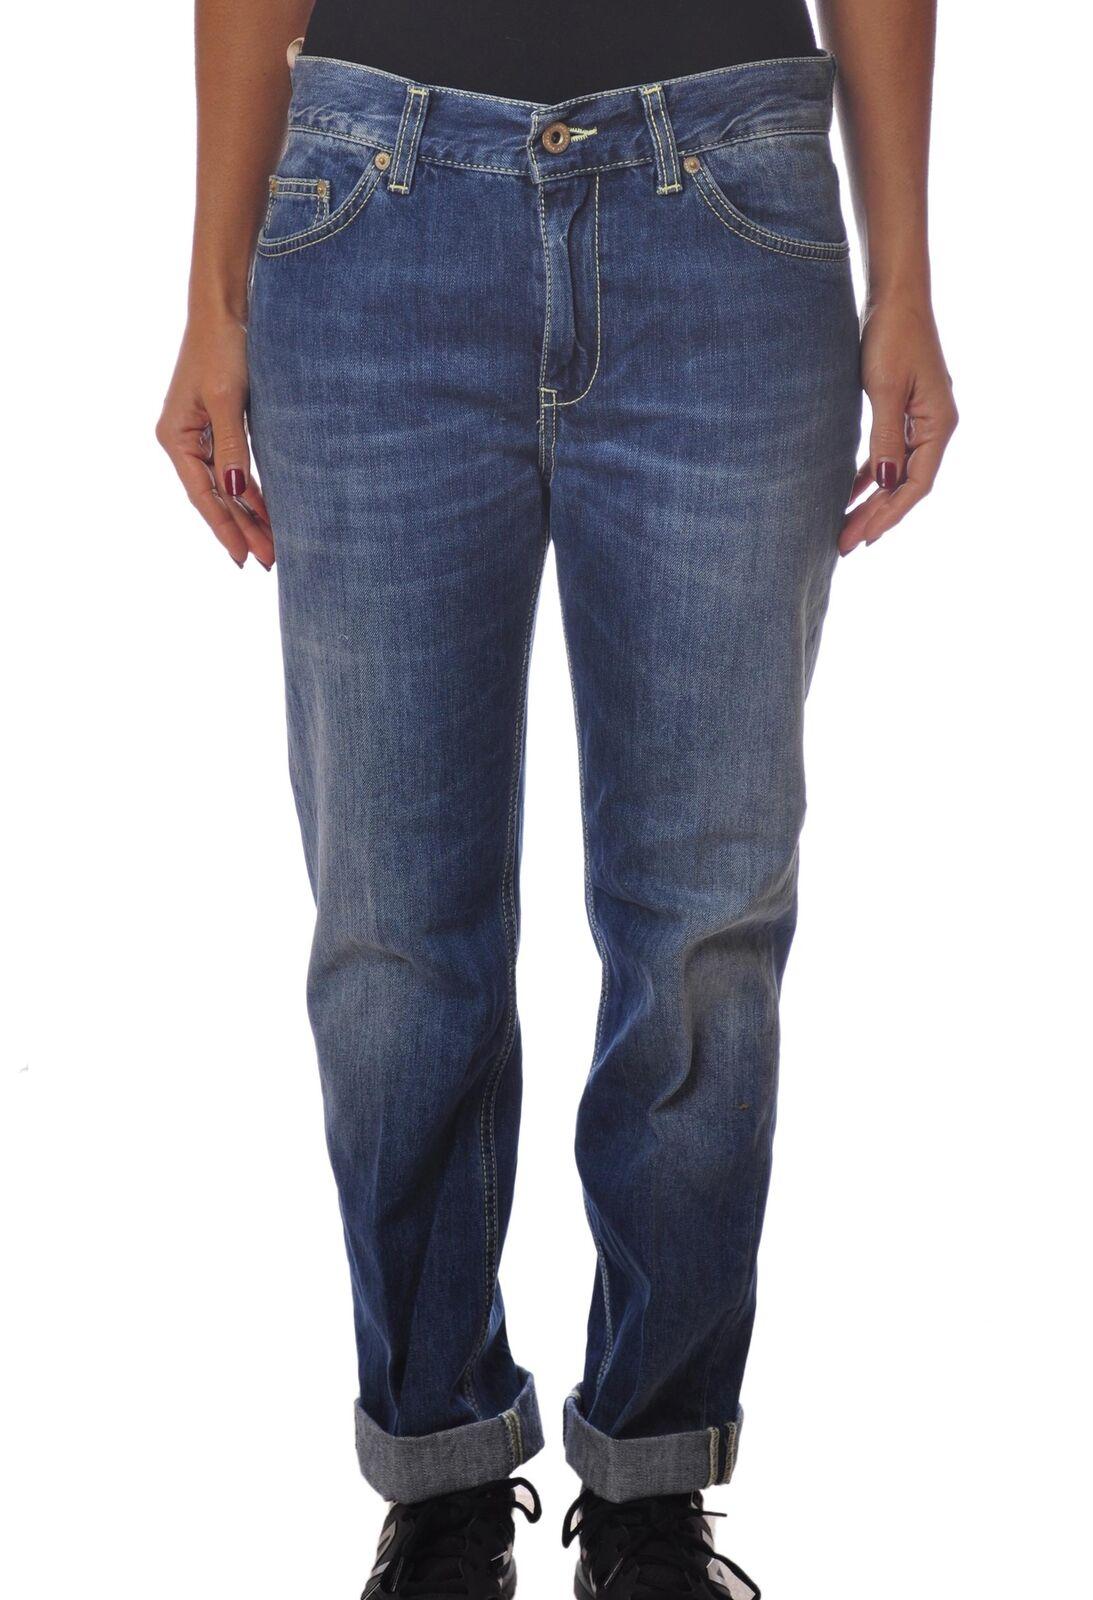 Dondup - Jeans-Pants-slim fit - Woman - Denim - 4488014B185514